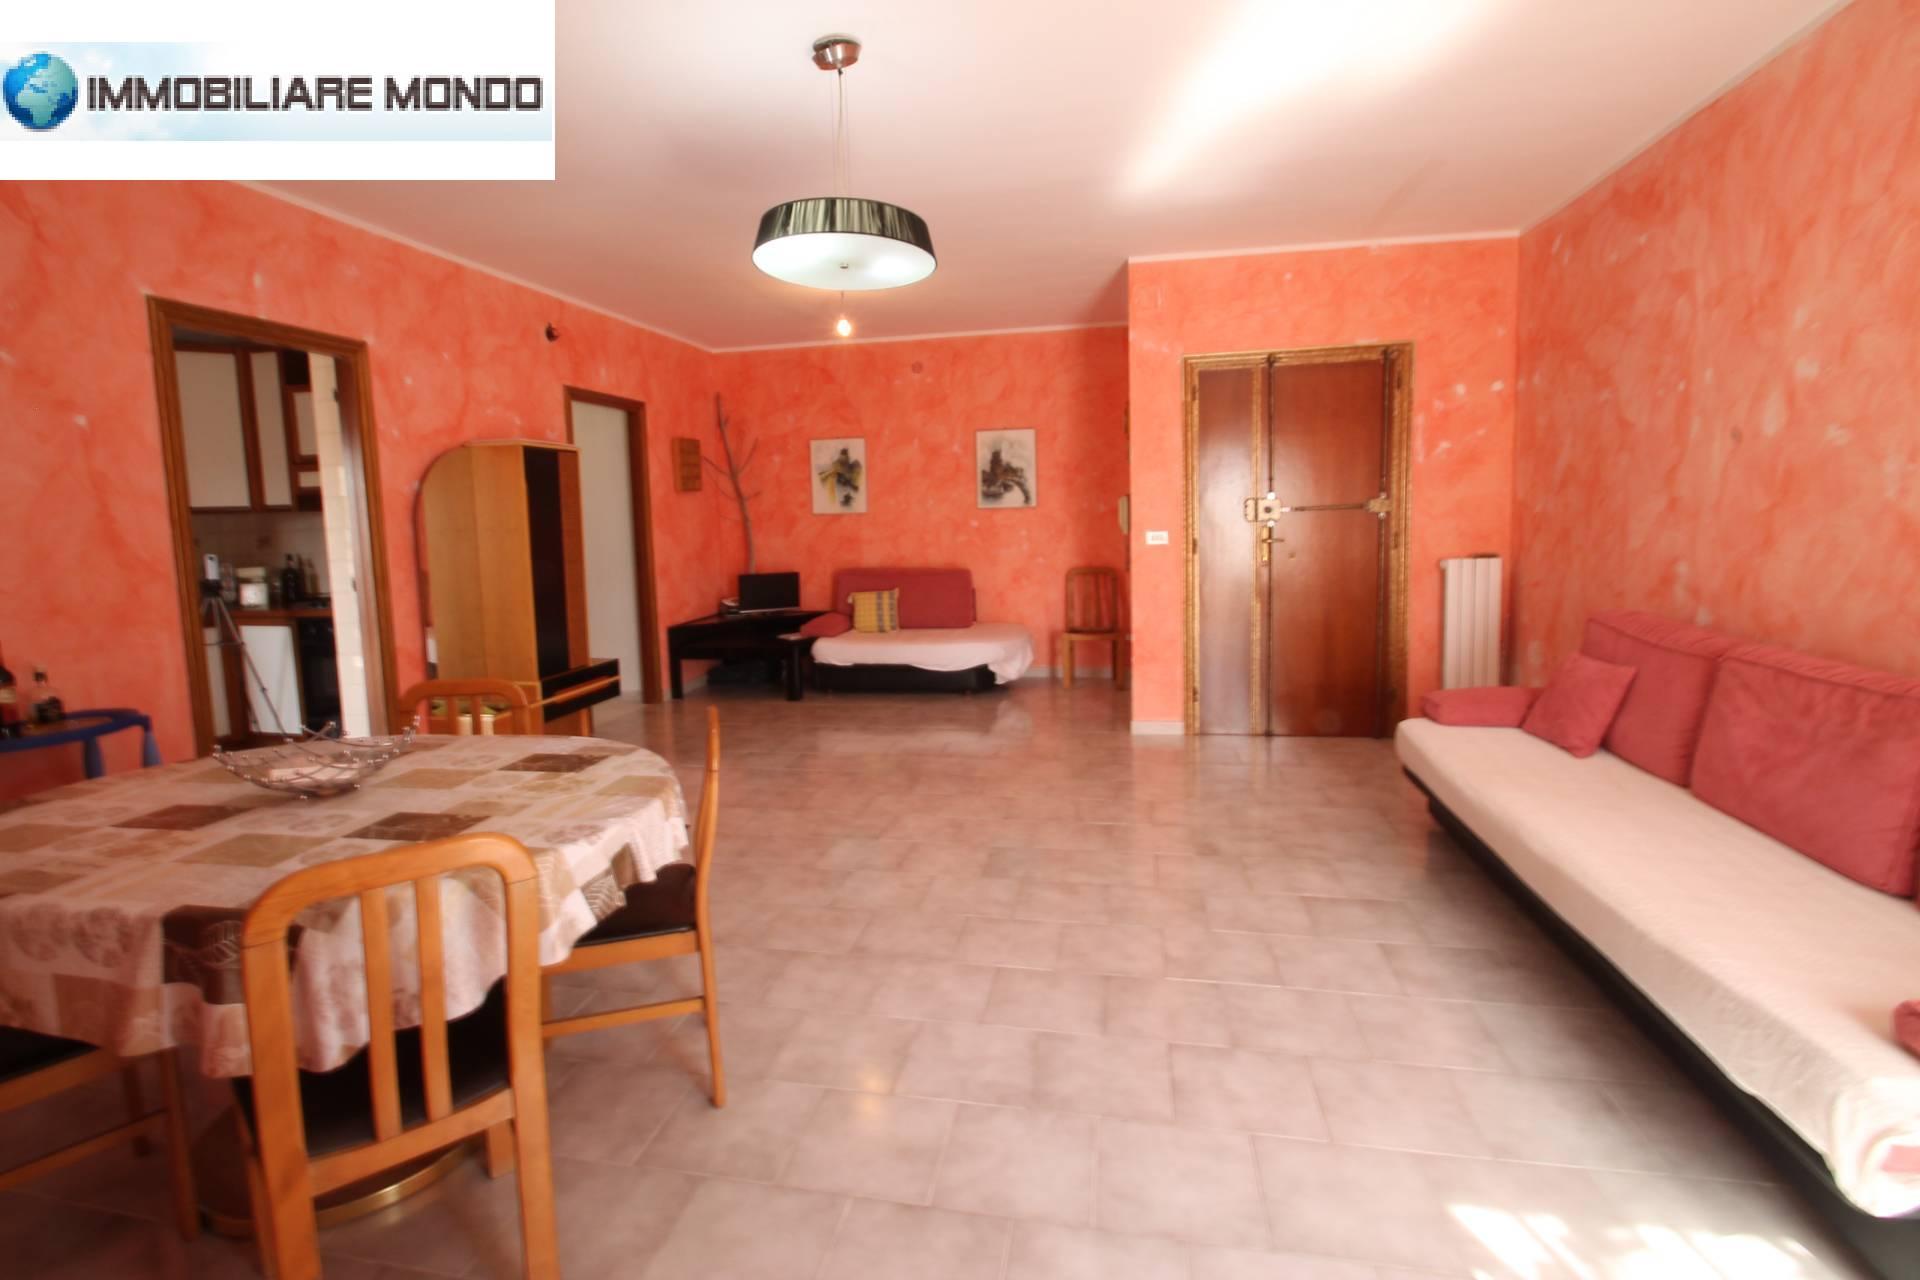 Appartamento in vendita a Campomarino, 4 locali, prezzo € 49.000   PortaleAgenzieImmobiliari.it